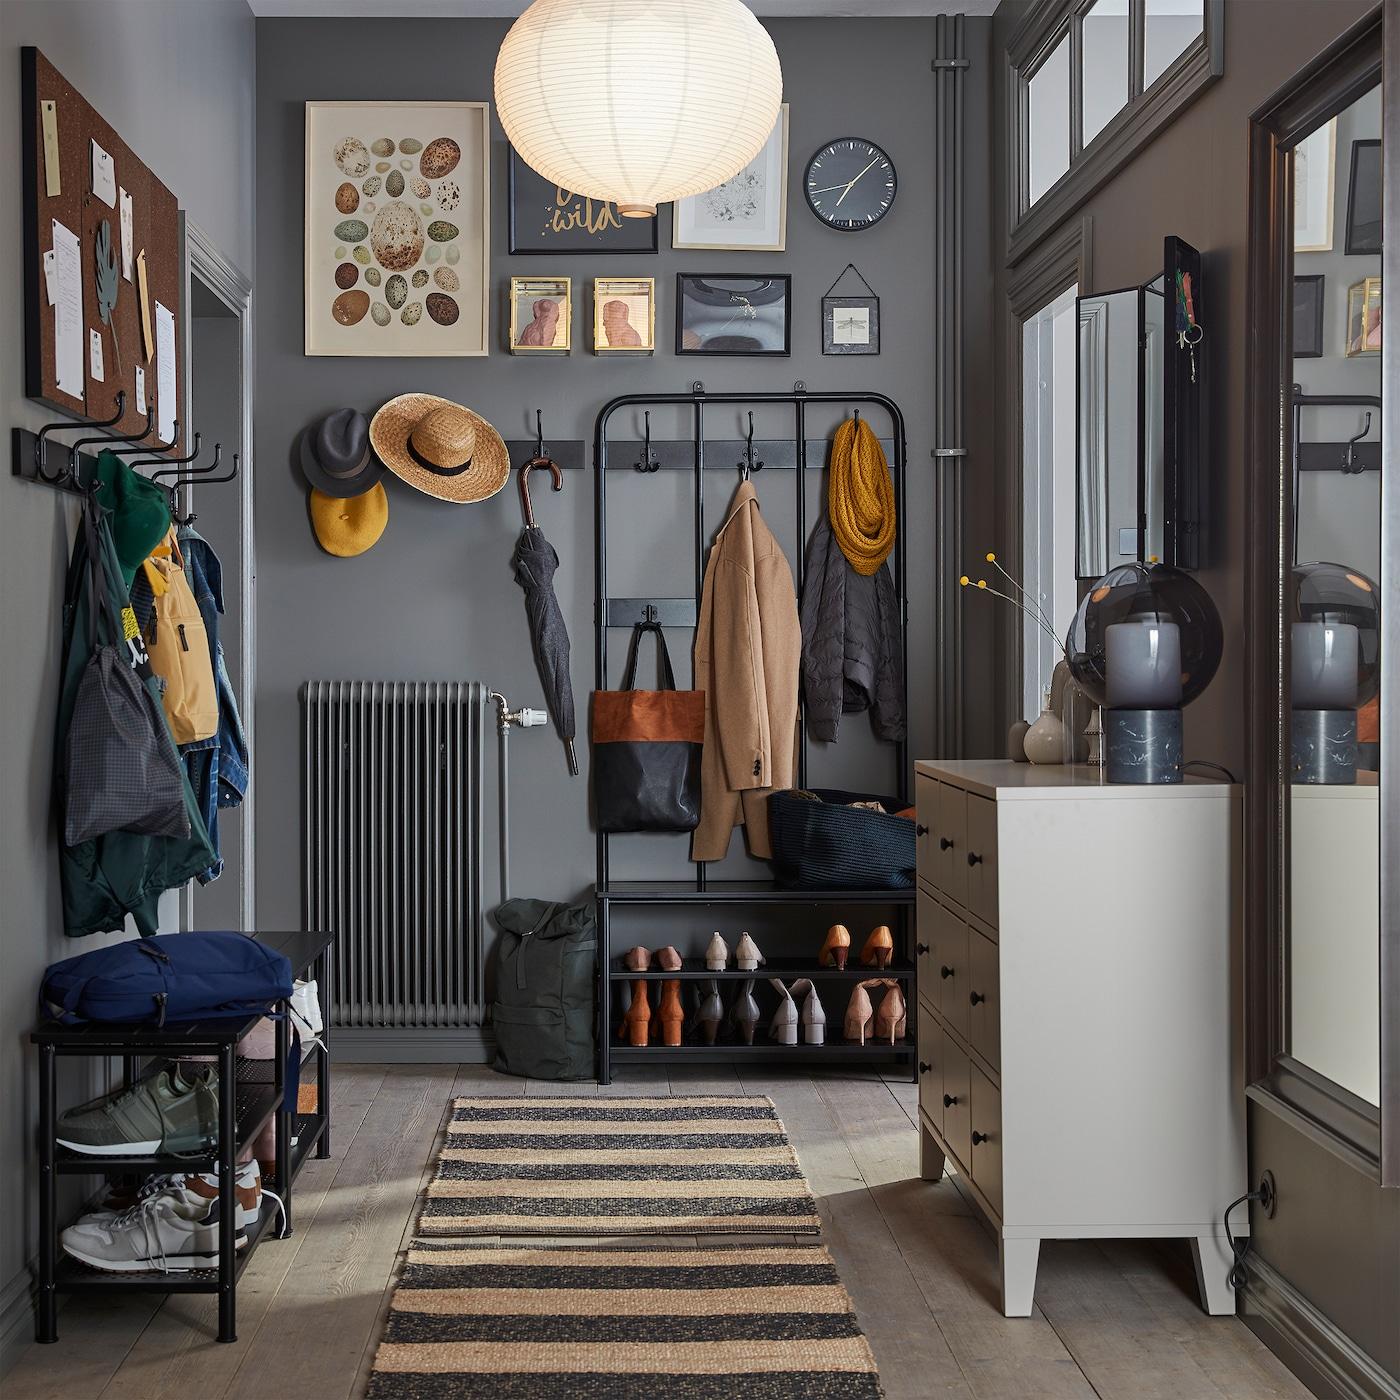 مدخل ضيق رمادي مع سجادة مقلمة وخزانة ذات أدراج باللون البيج ومرآة لكامل الجسم ومقاعد مع تخزين للأحذية.